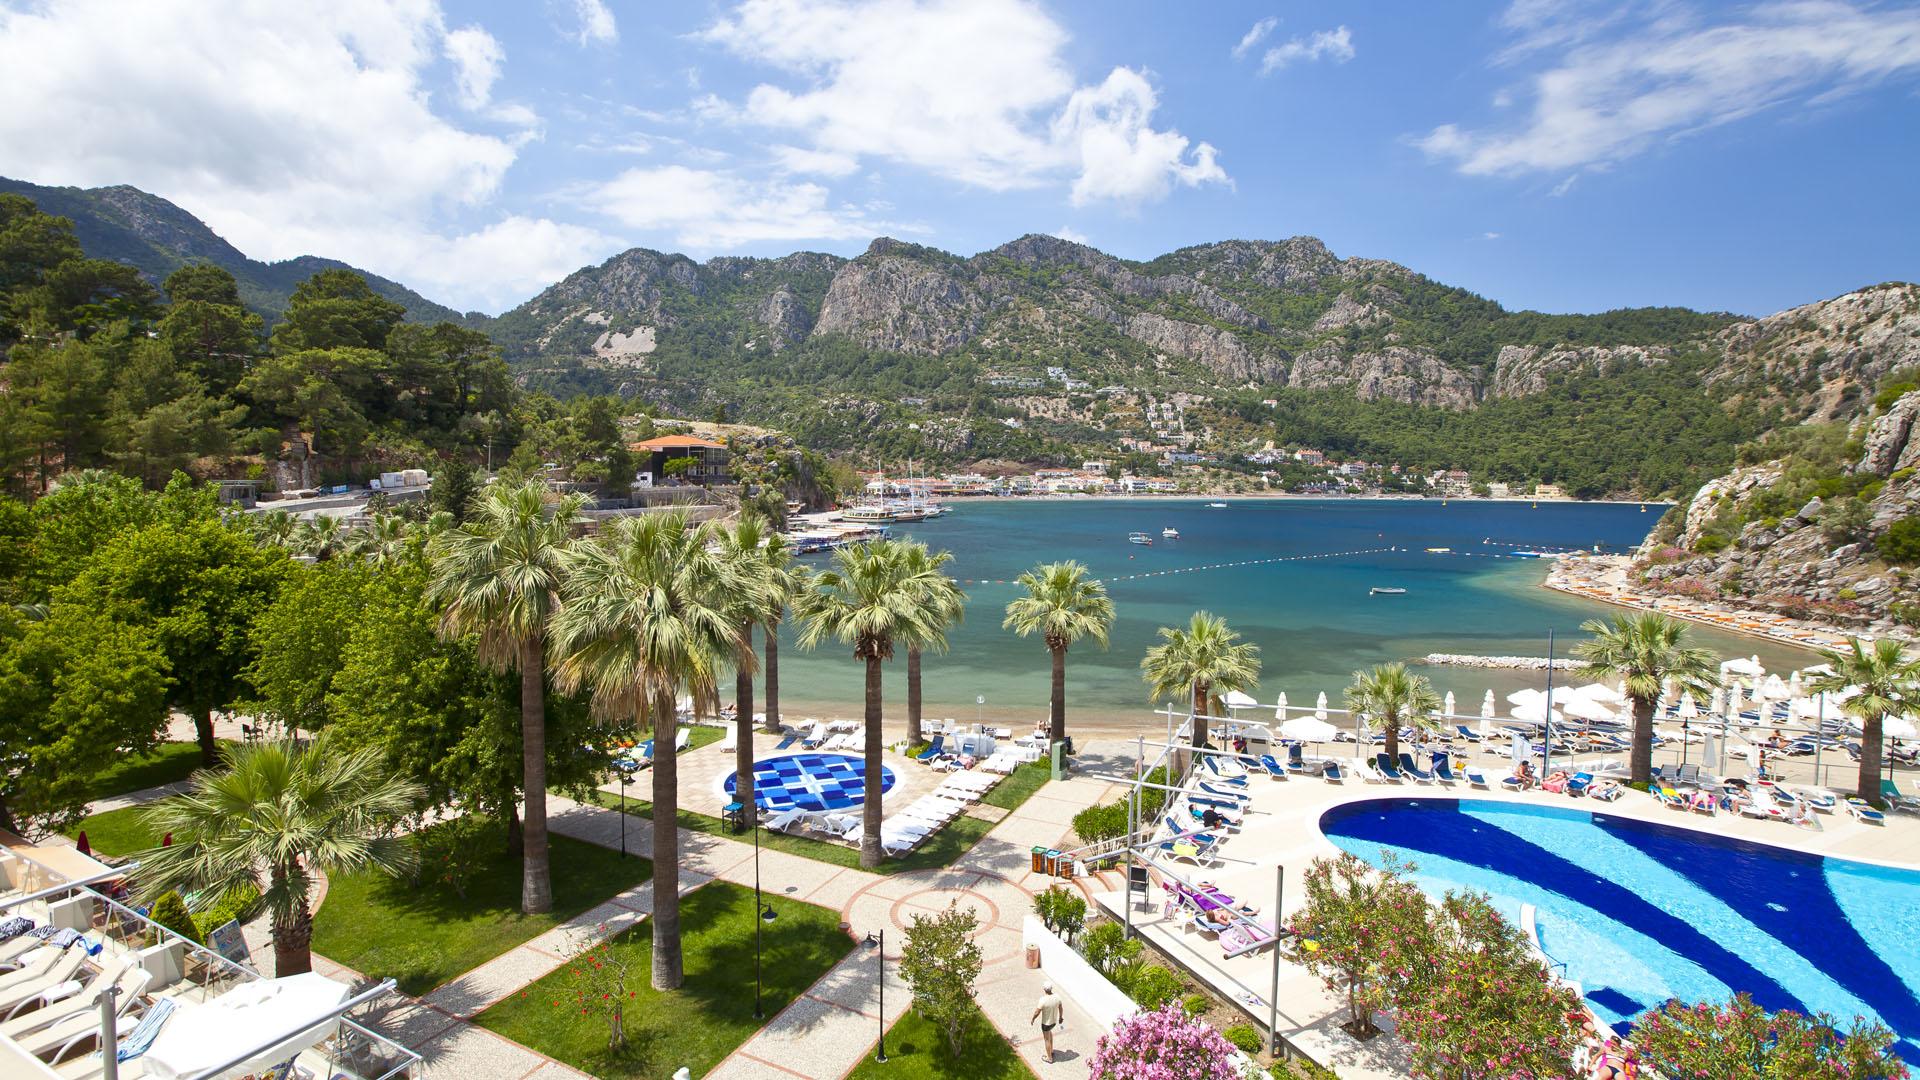 Турция готовится принять туристов вдвое больше, чем годом ранее